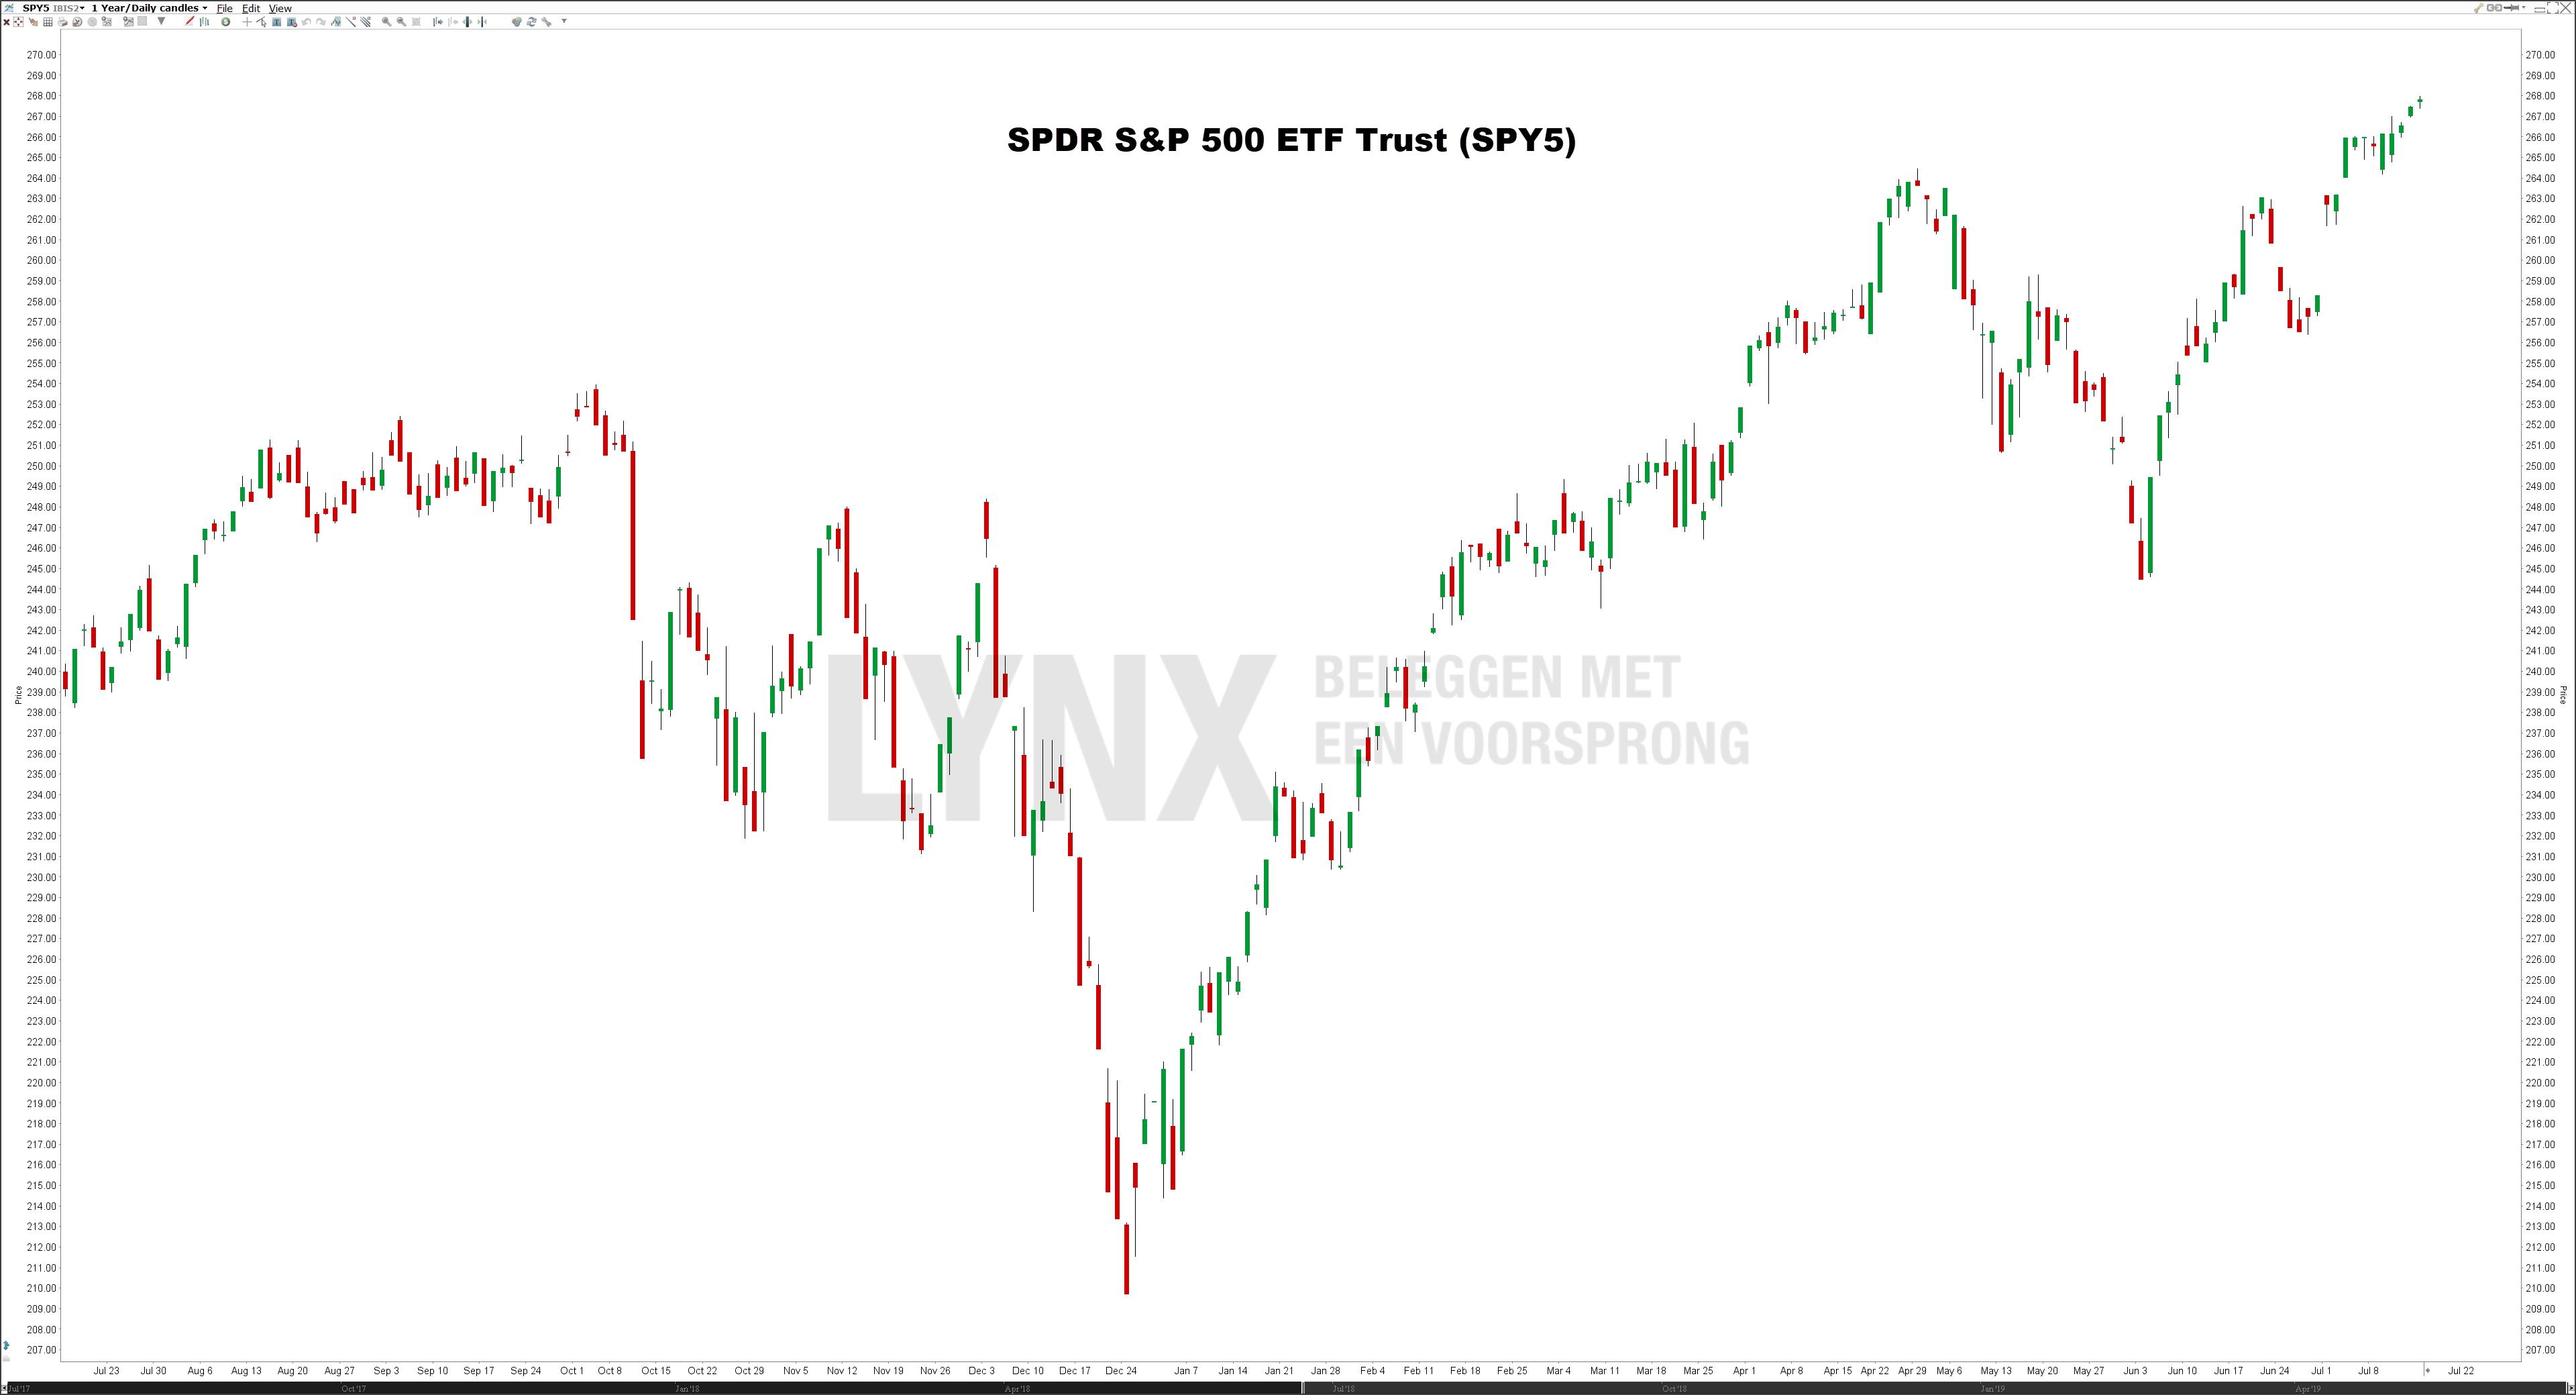 Koers SPDR S&P 500 ETFs Trust (SPY5) - Beste S&P 500 ETFs